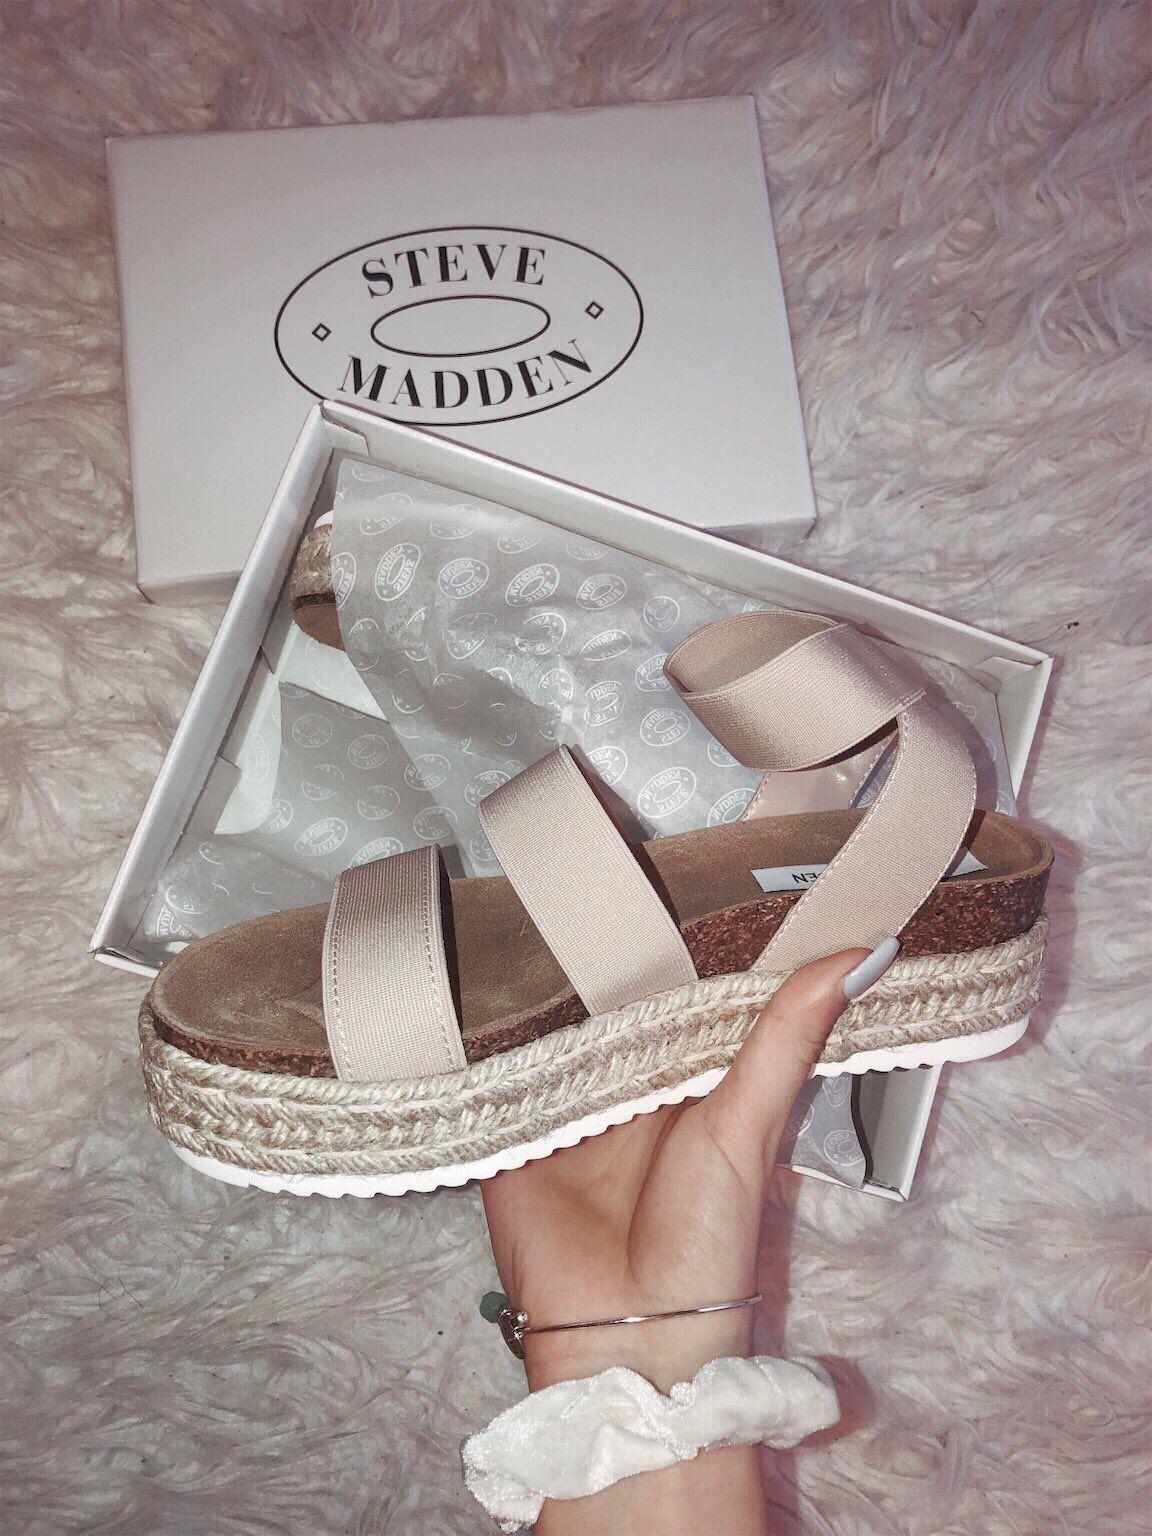 Steve Madden   Steve madden sandals